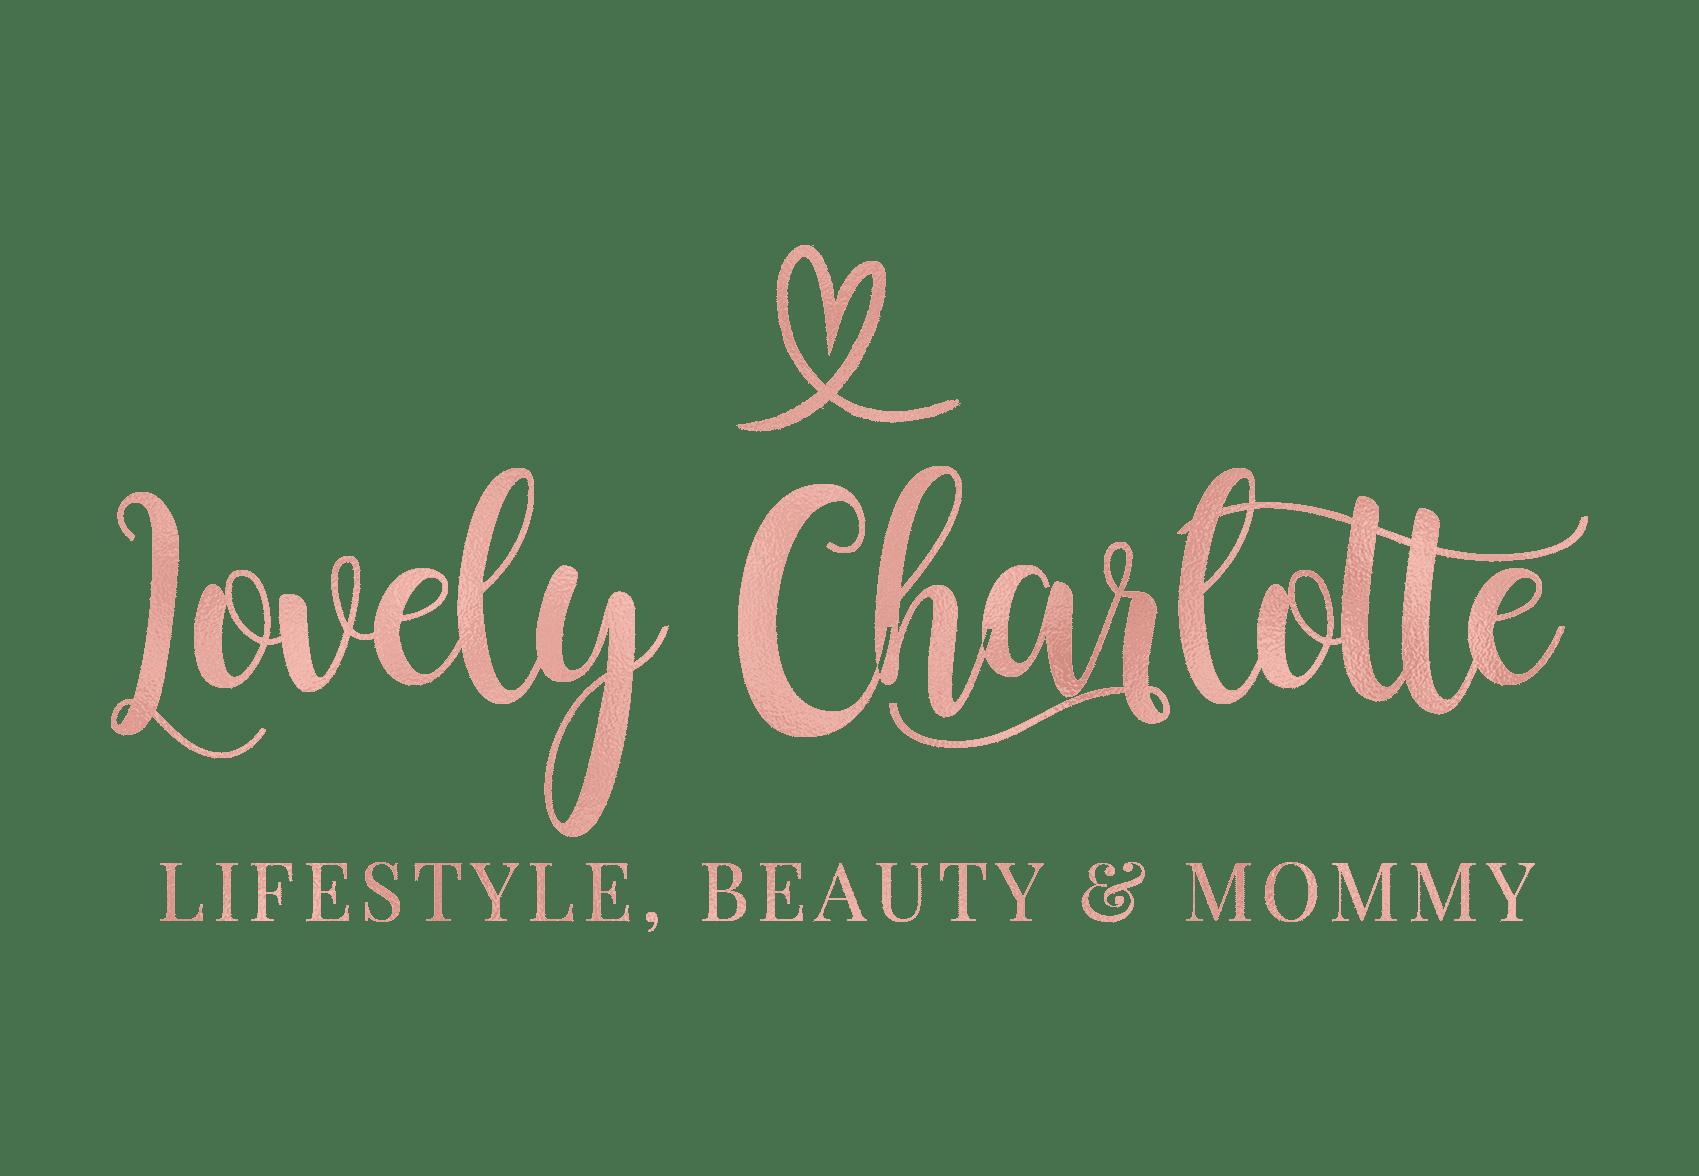 Lovely Charlotte